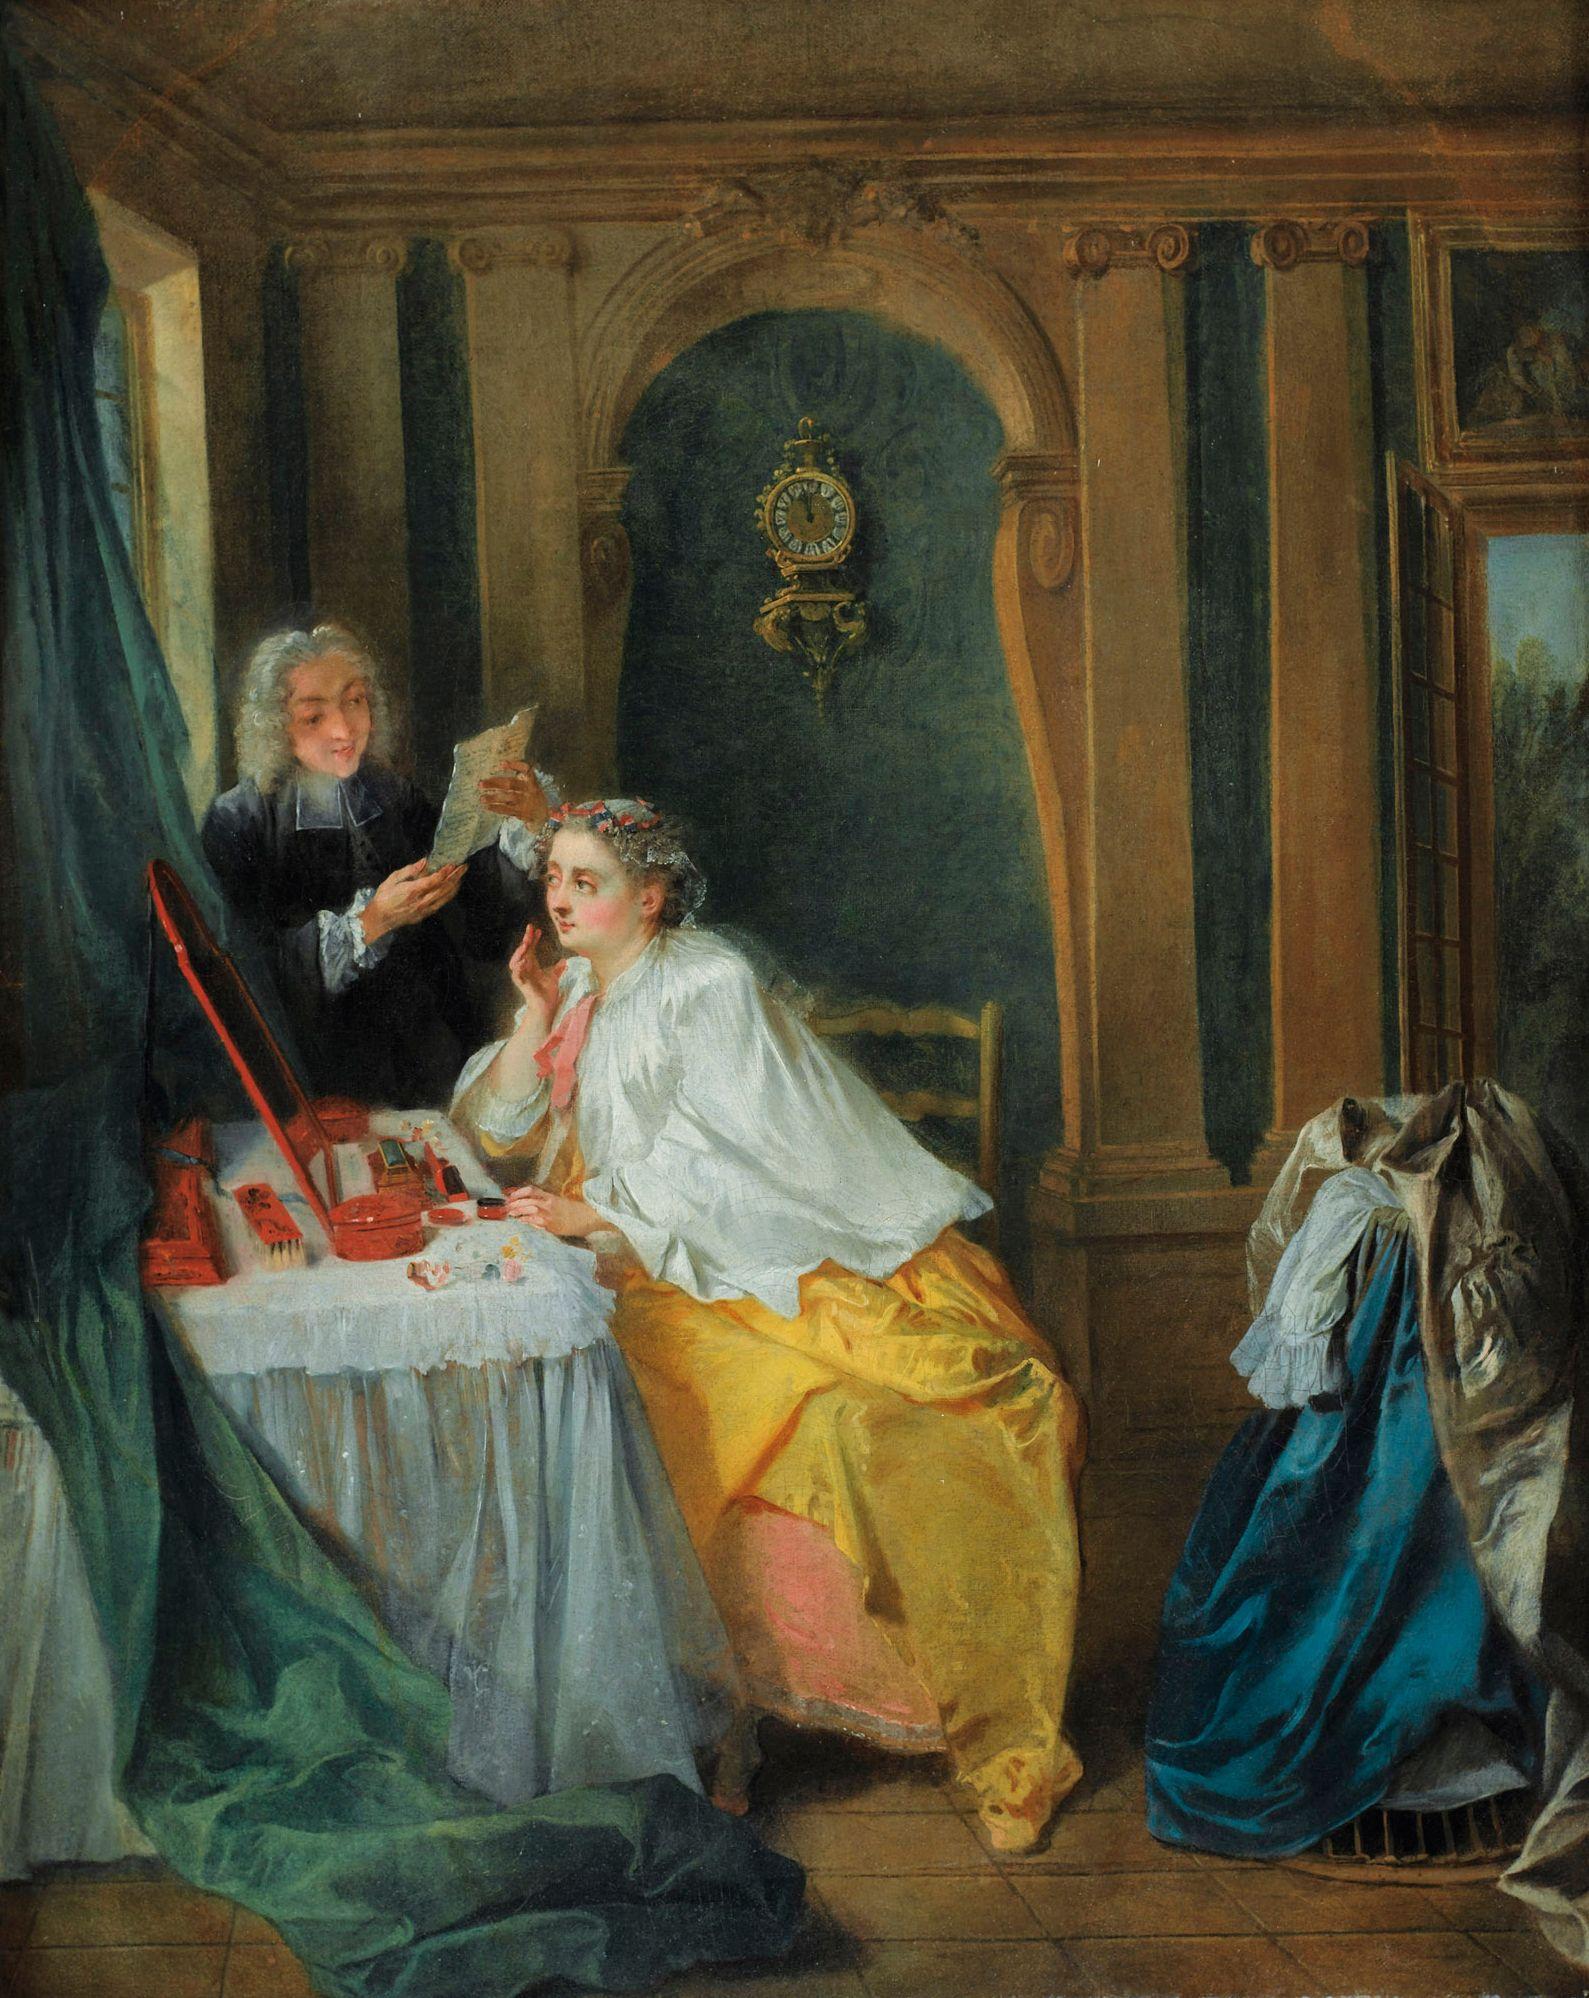 Bielidła? Czernidła? Czerwienidła? A może błękitnidła? Cóż dziś użyć, by wyglądać bosko? Obraz Nicolasa Lancreta z 1732 roku (fot. the lost gallery, flickr, lic. CC BY 2.0).